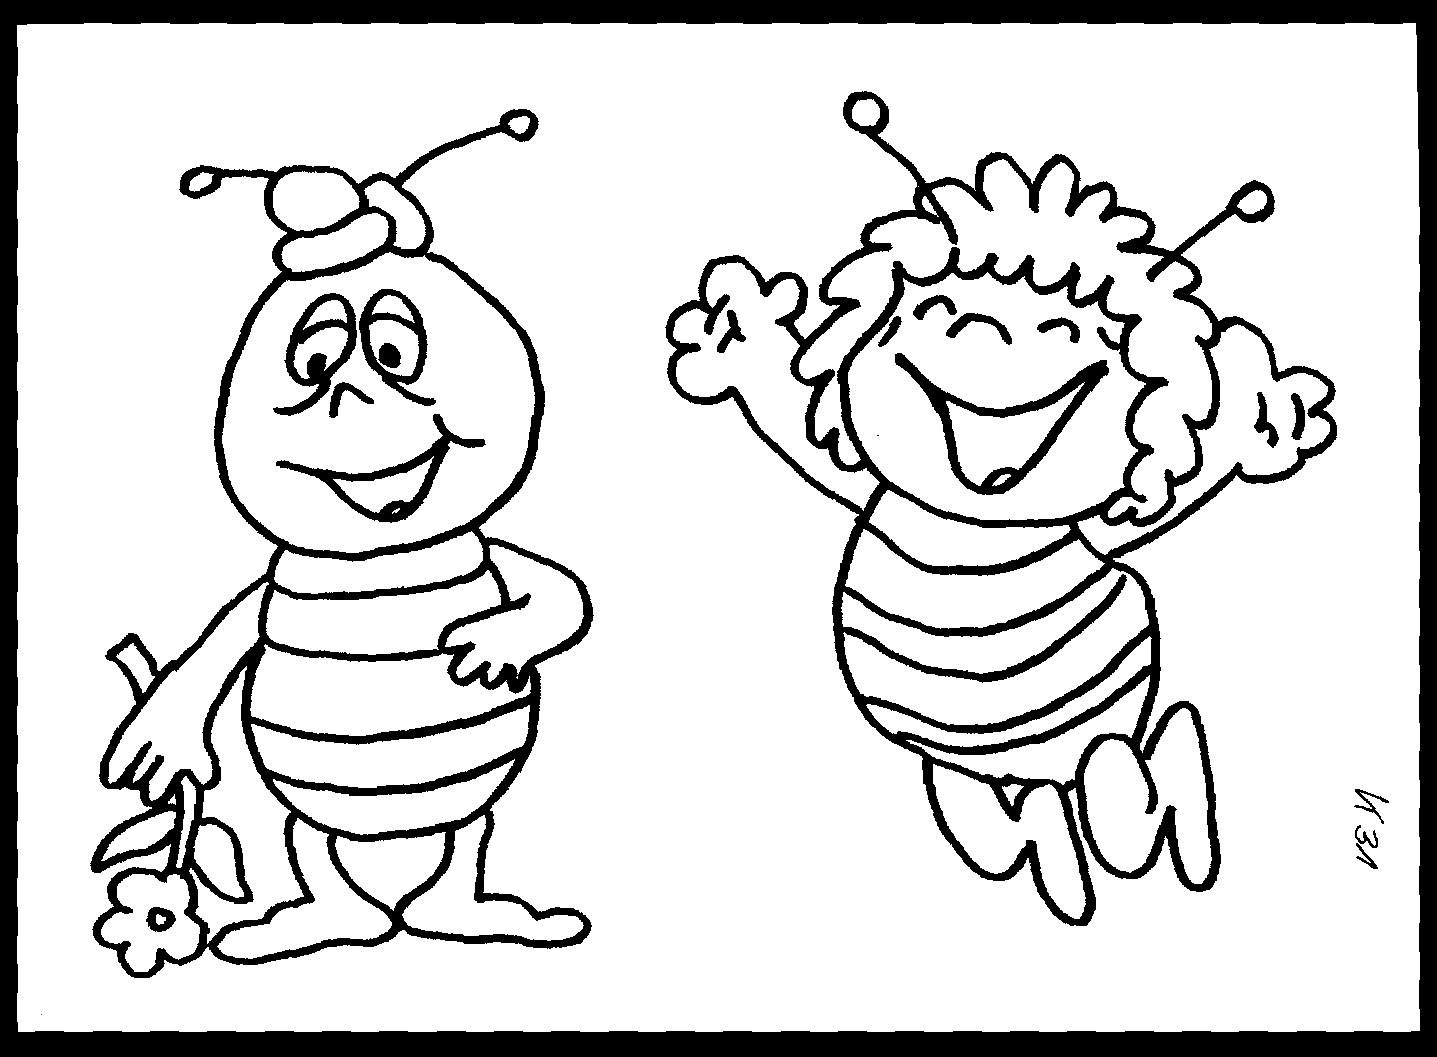 Malvorlage Biene Maja Frisch Ausmalbilder Biene Maja Einzigartig Pj Mask Ausmalbilder Einzigartig Fotografieren